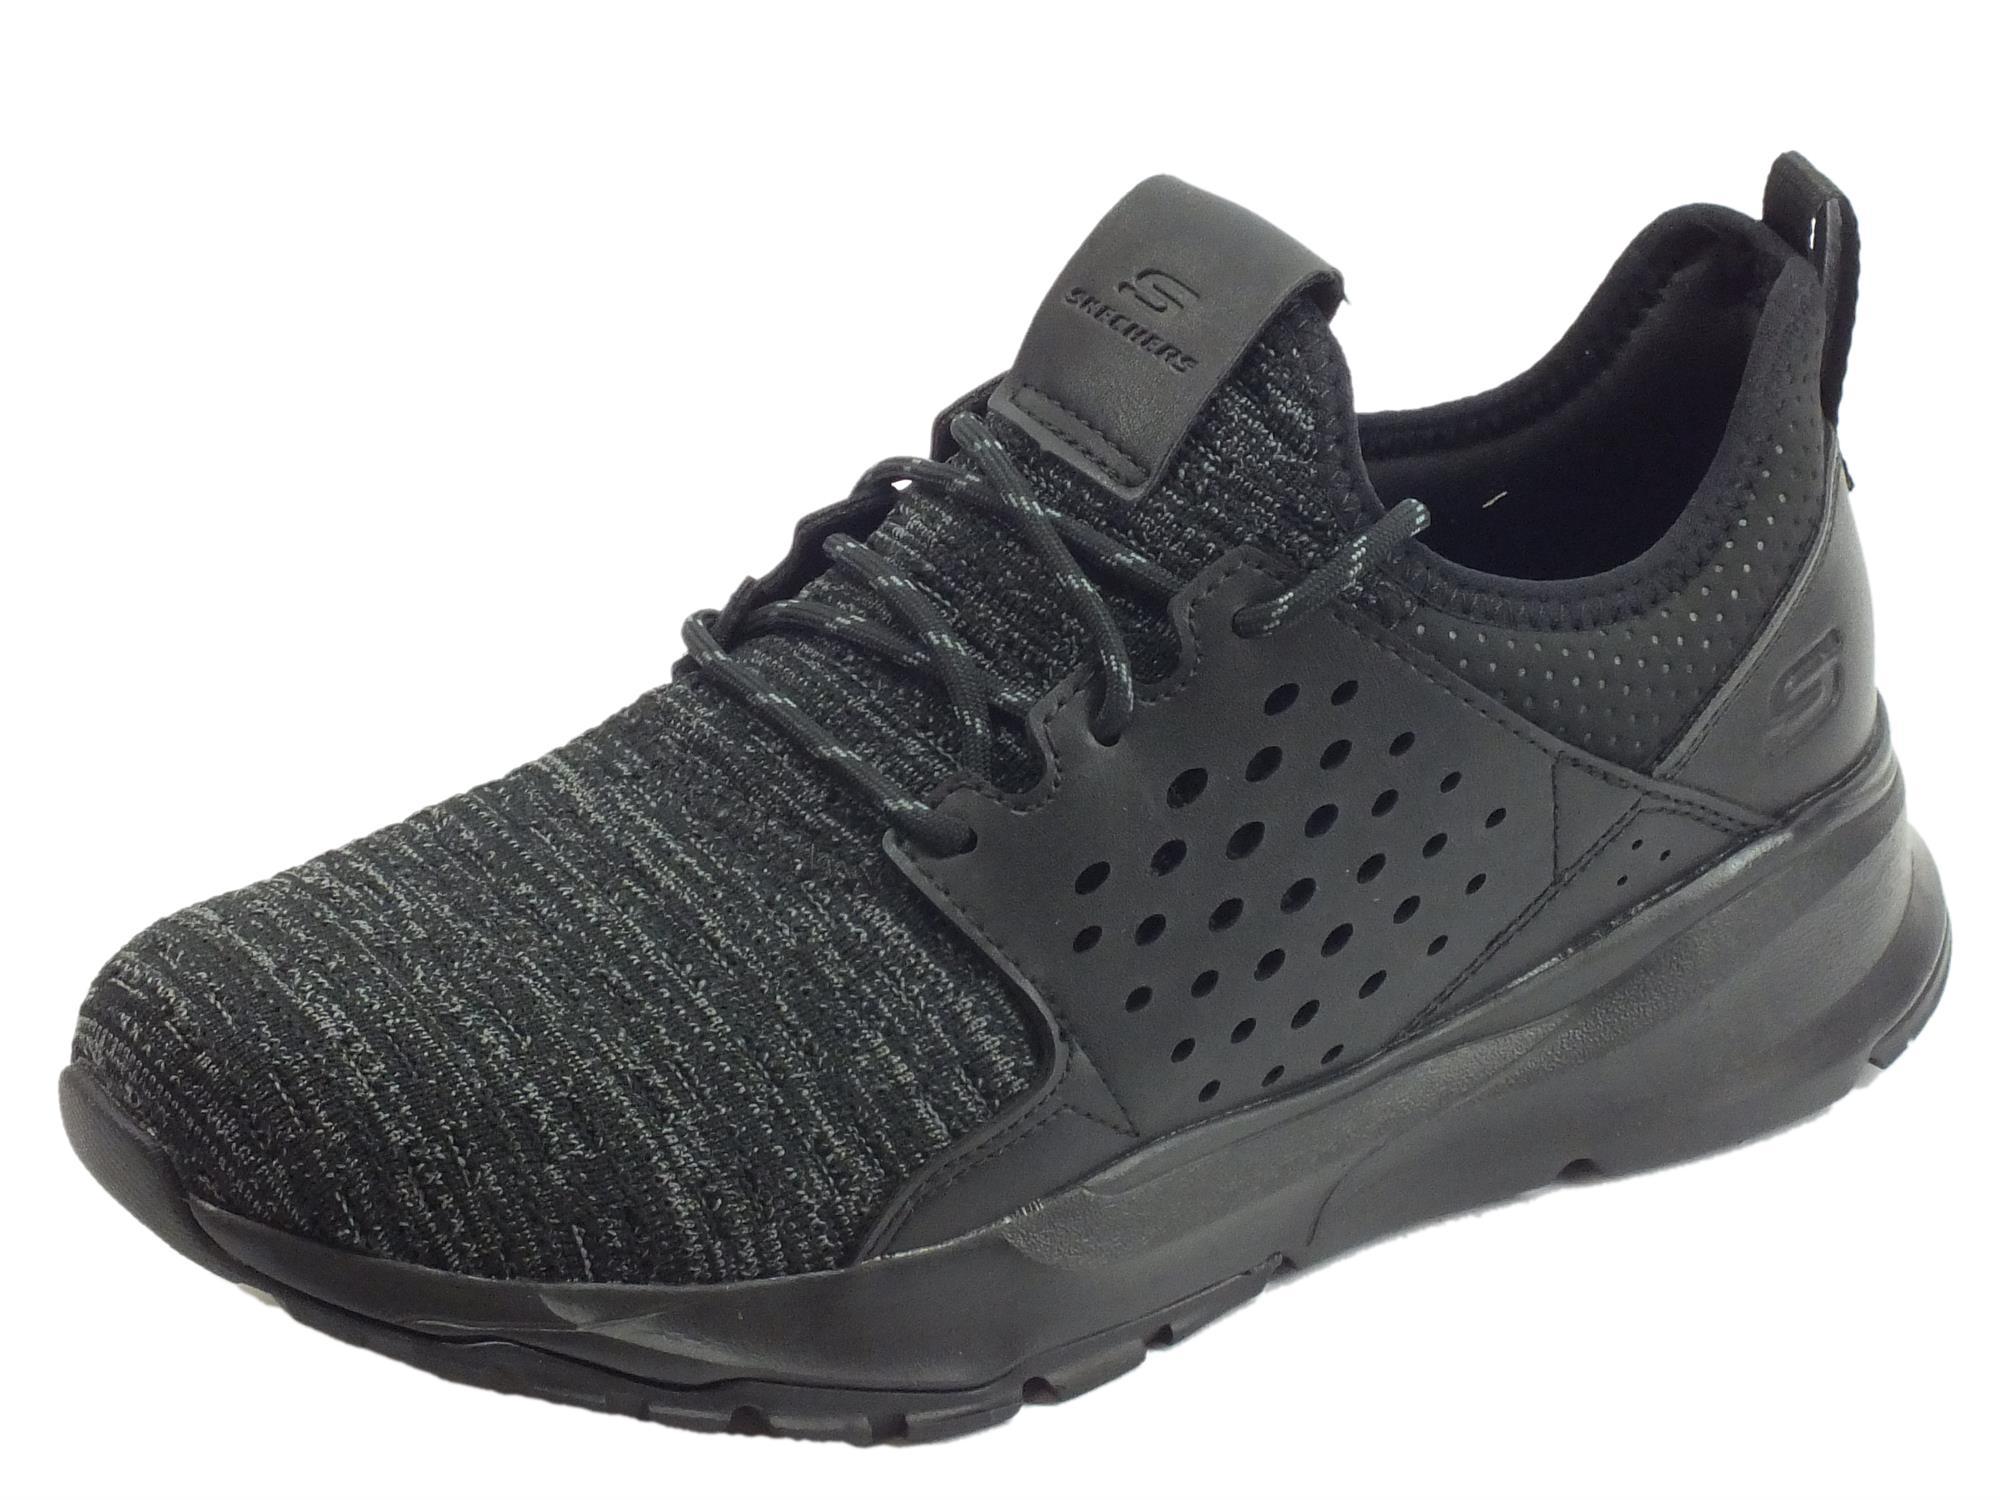 design di qualità e84f7 96c3a Scarpe Skechers Streetwear VELTON per uomo in tessuto nero